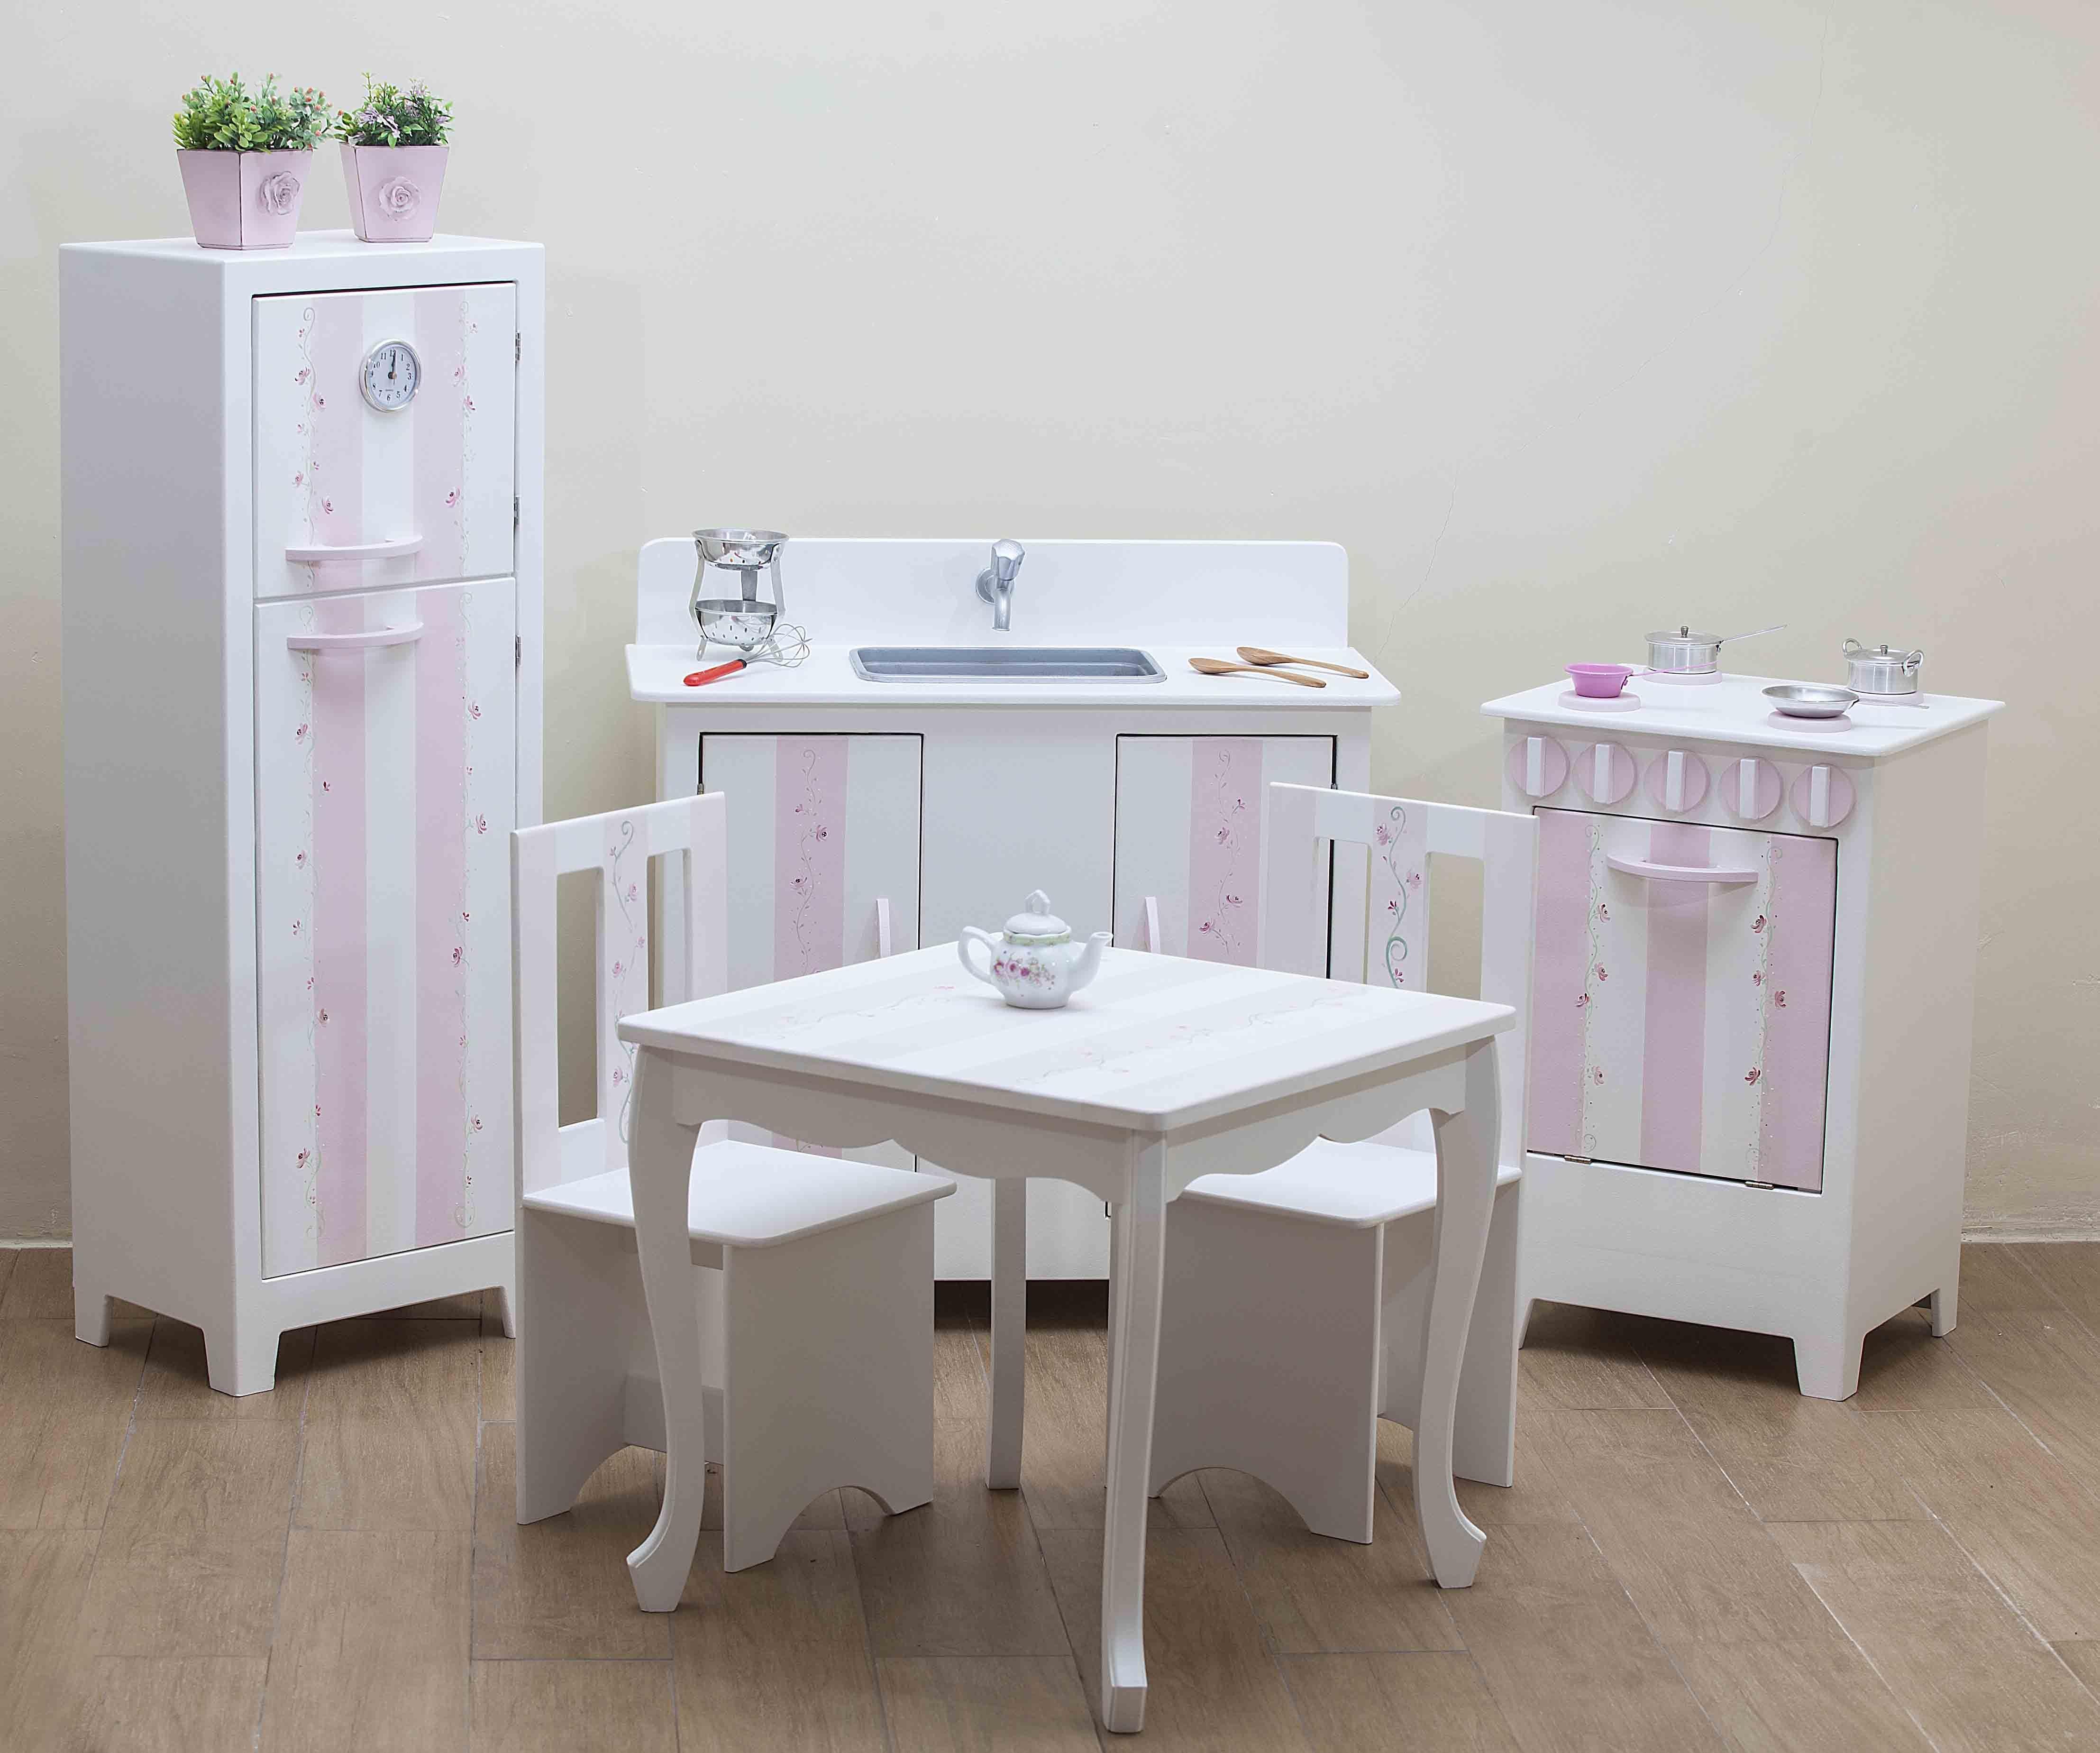 Cozinha Completa Brinquedo Infantil Big Cozinha Infantil Completa Star